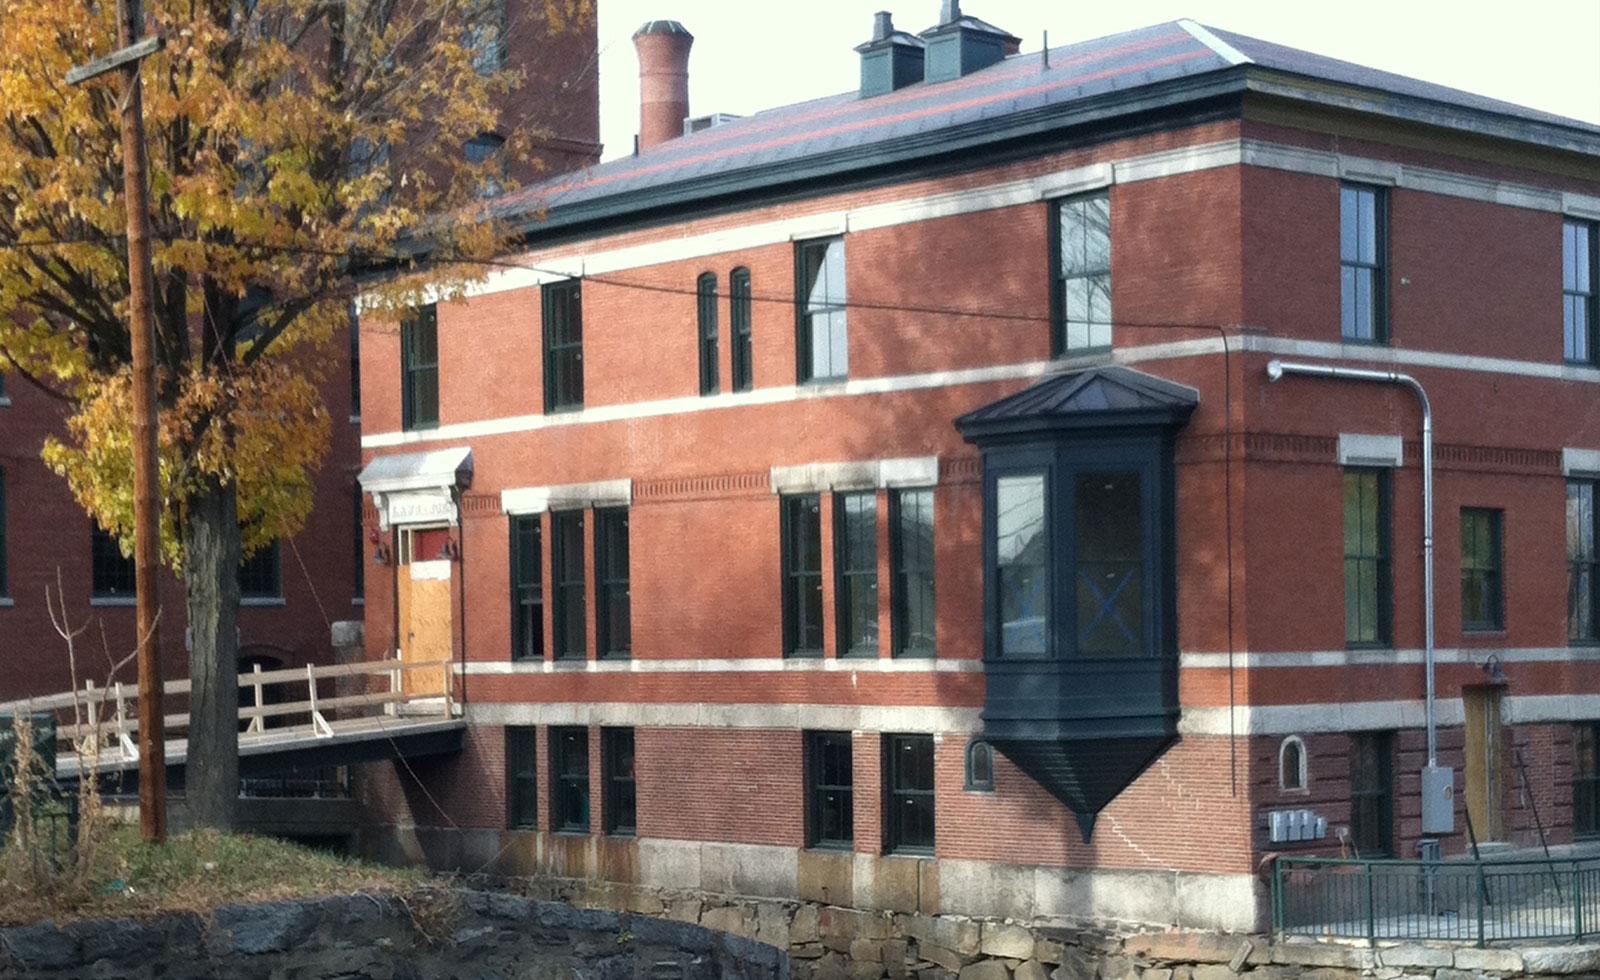 lofts at perkins place back entrance